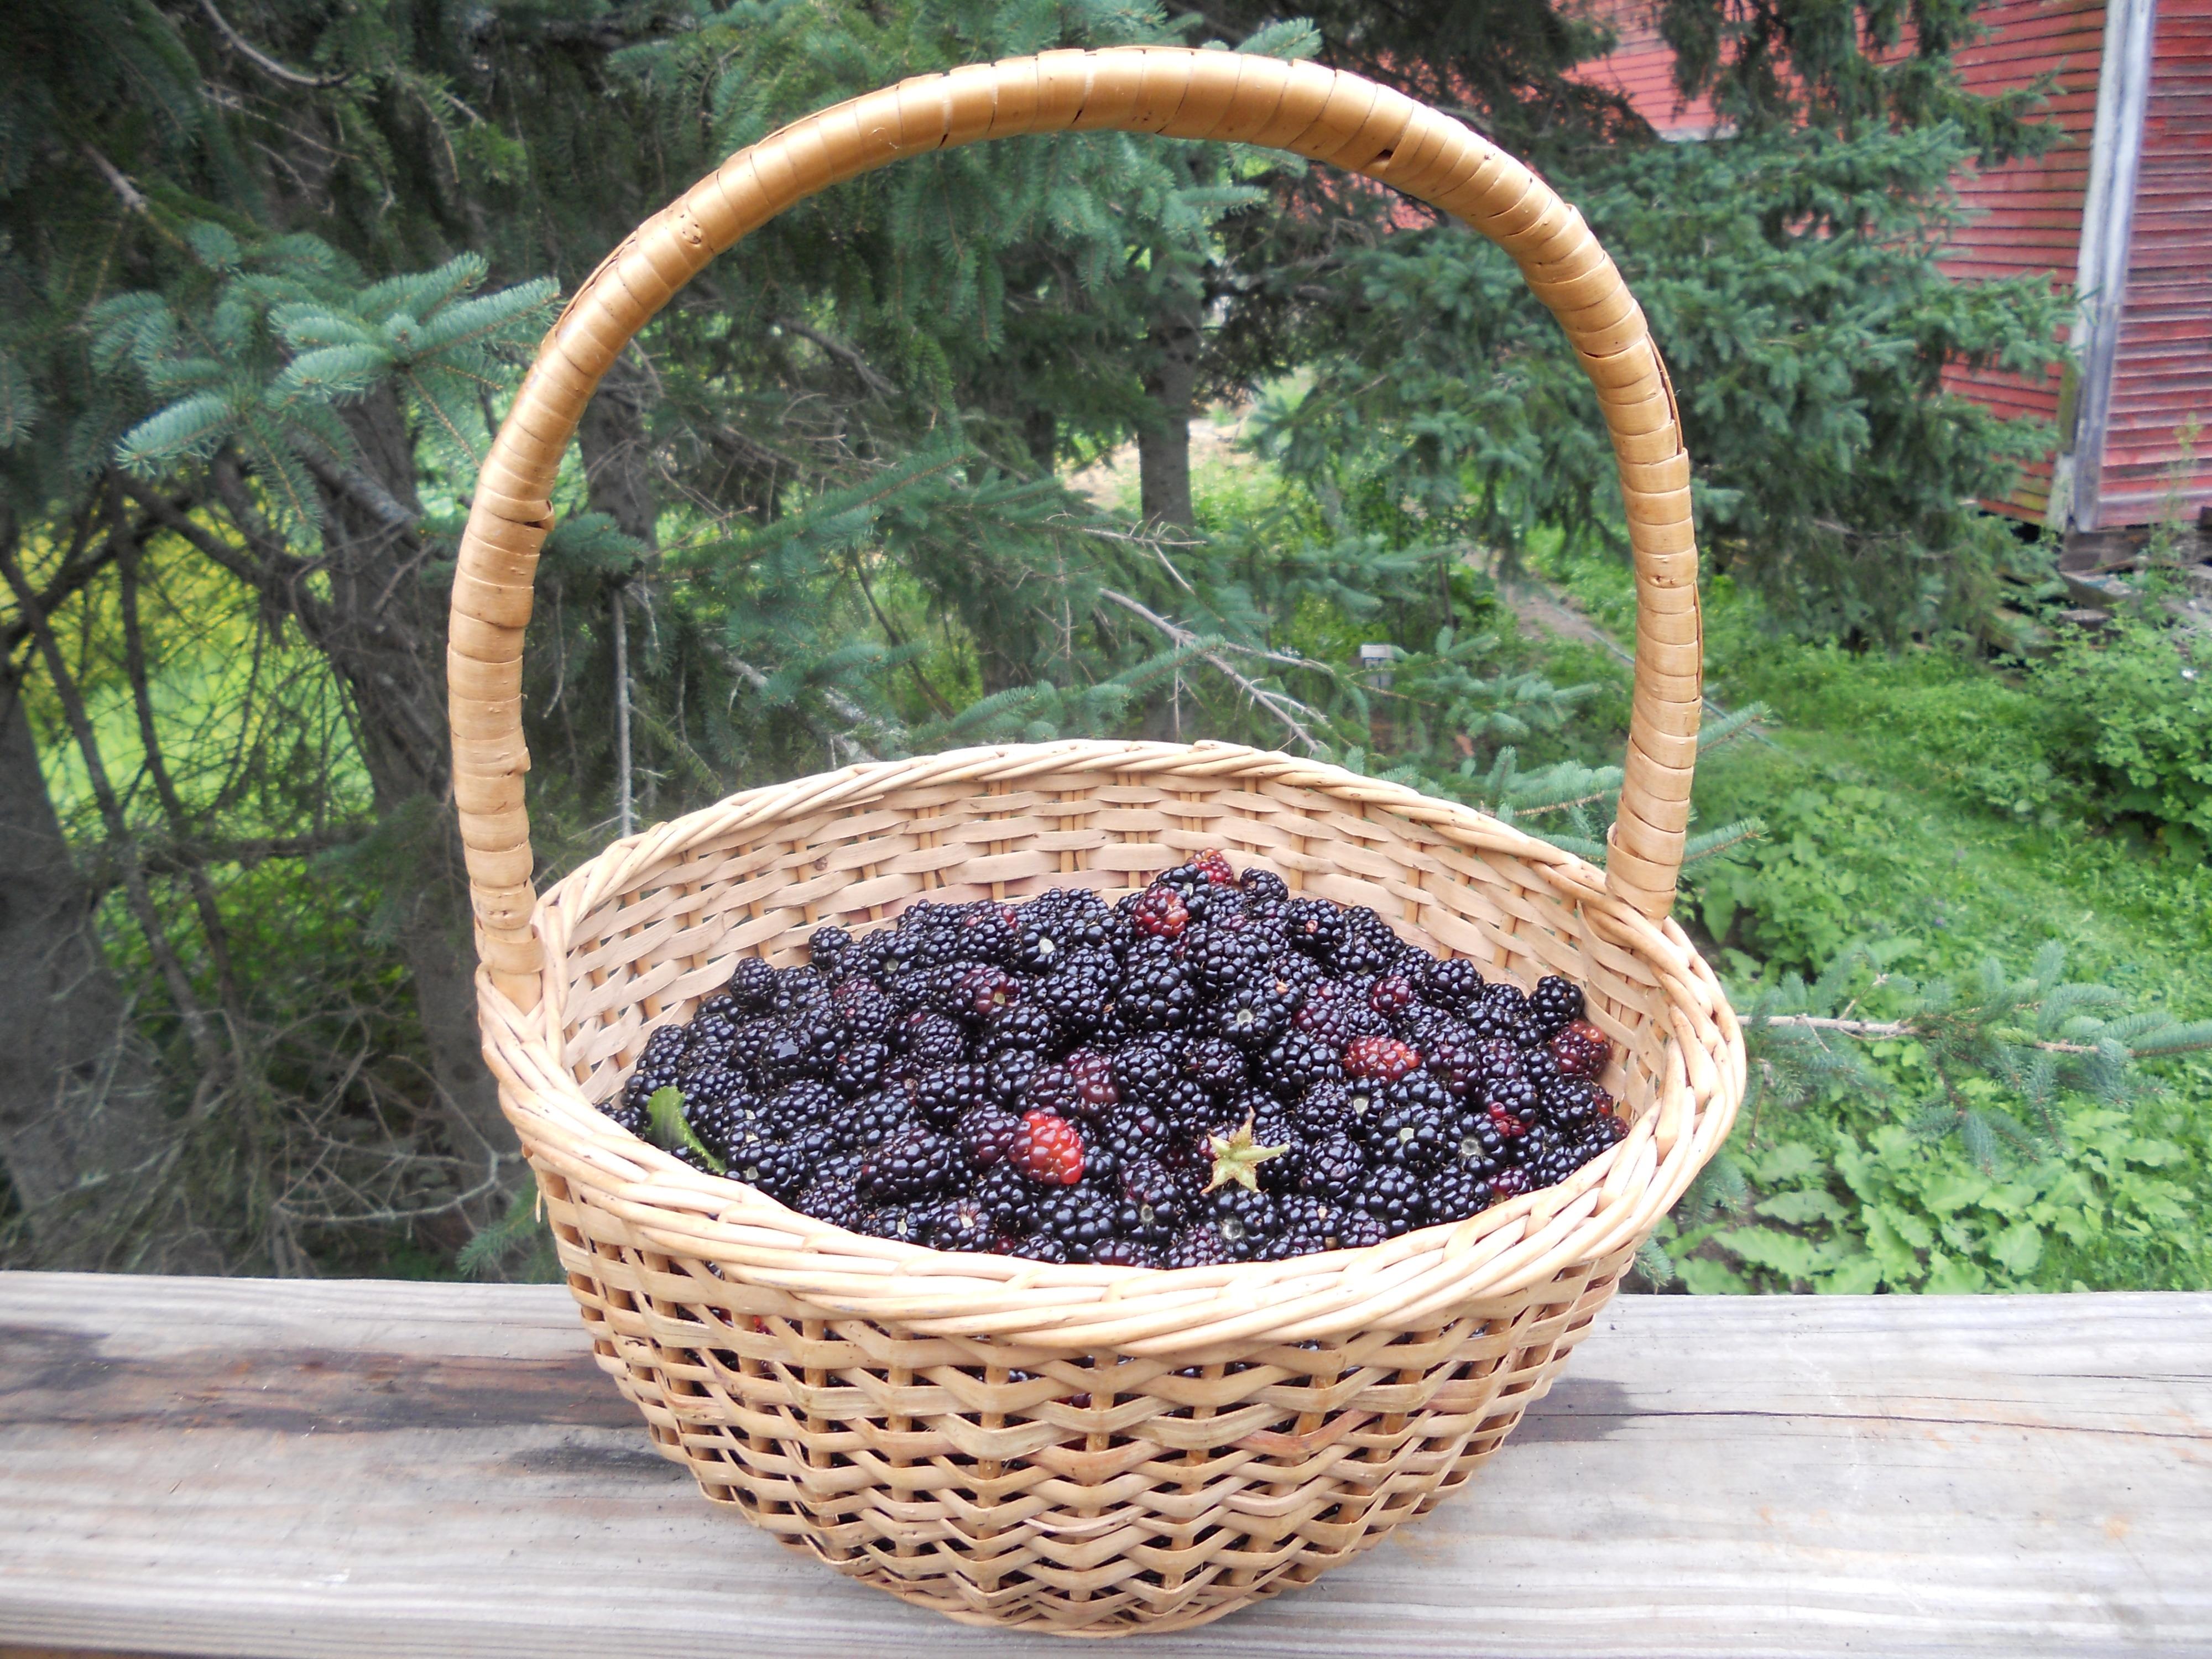 basketofwildblackberries